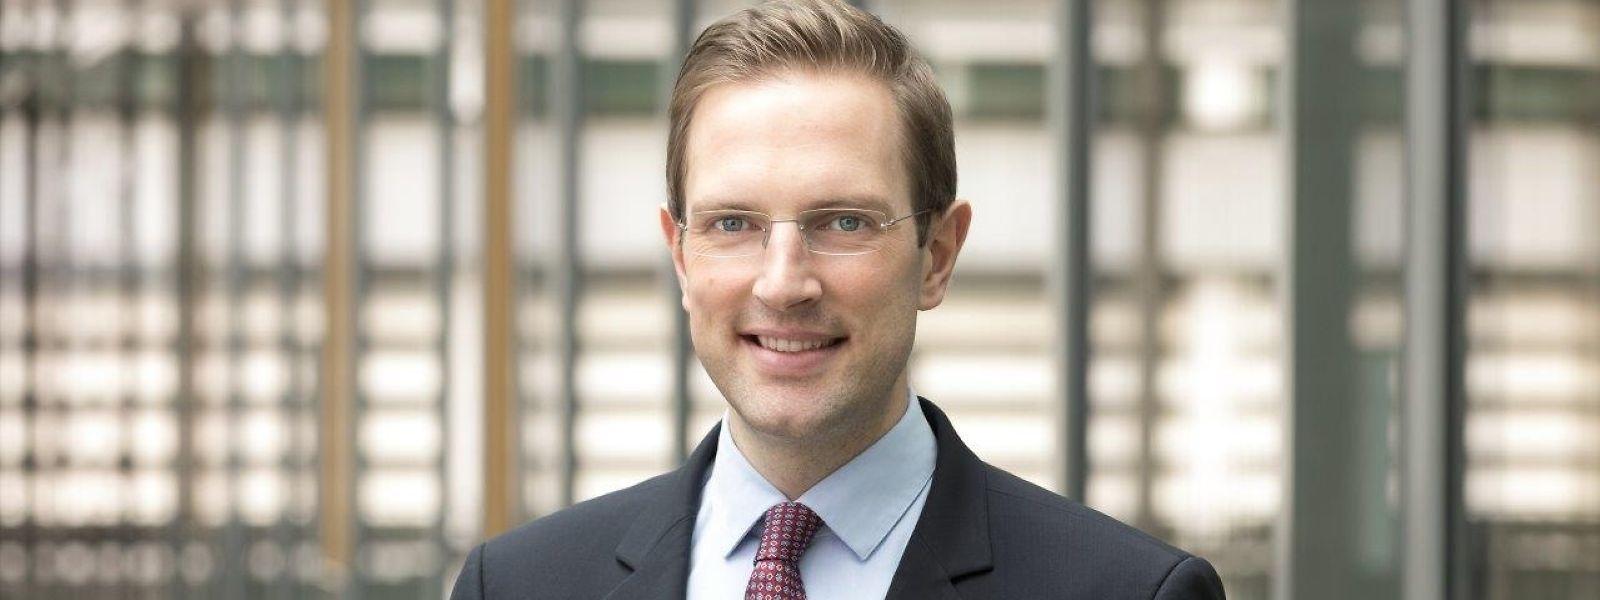 Gabriel de La Bourdonnaye trat am Mittwoch dem Exekutivkomitee bei.